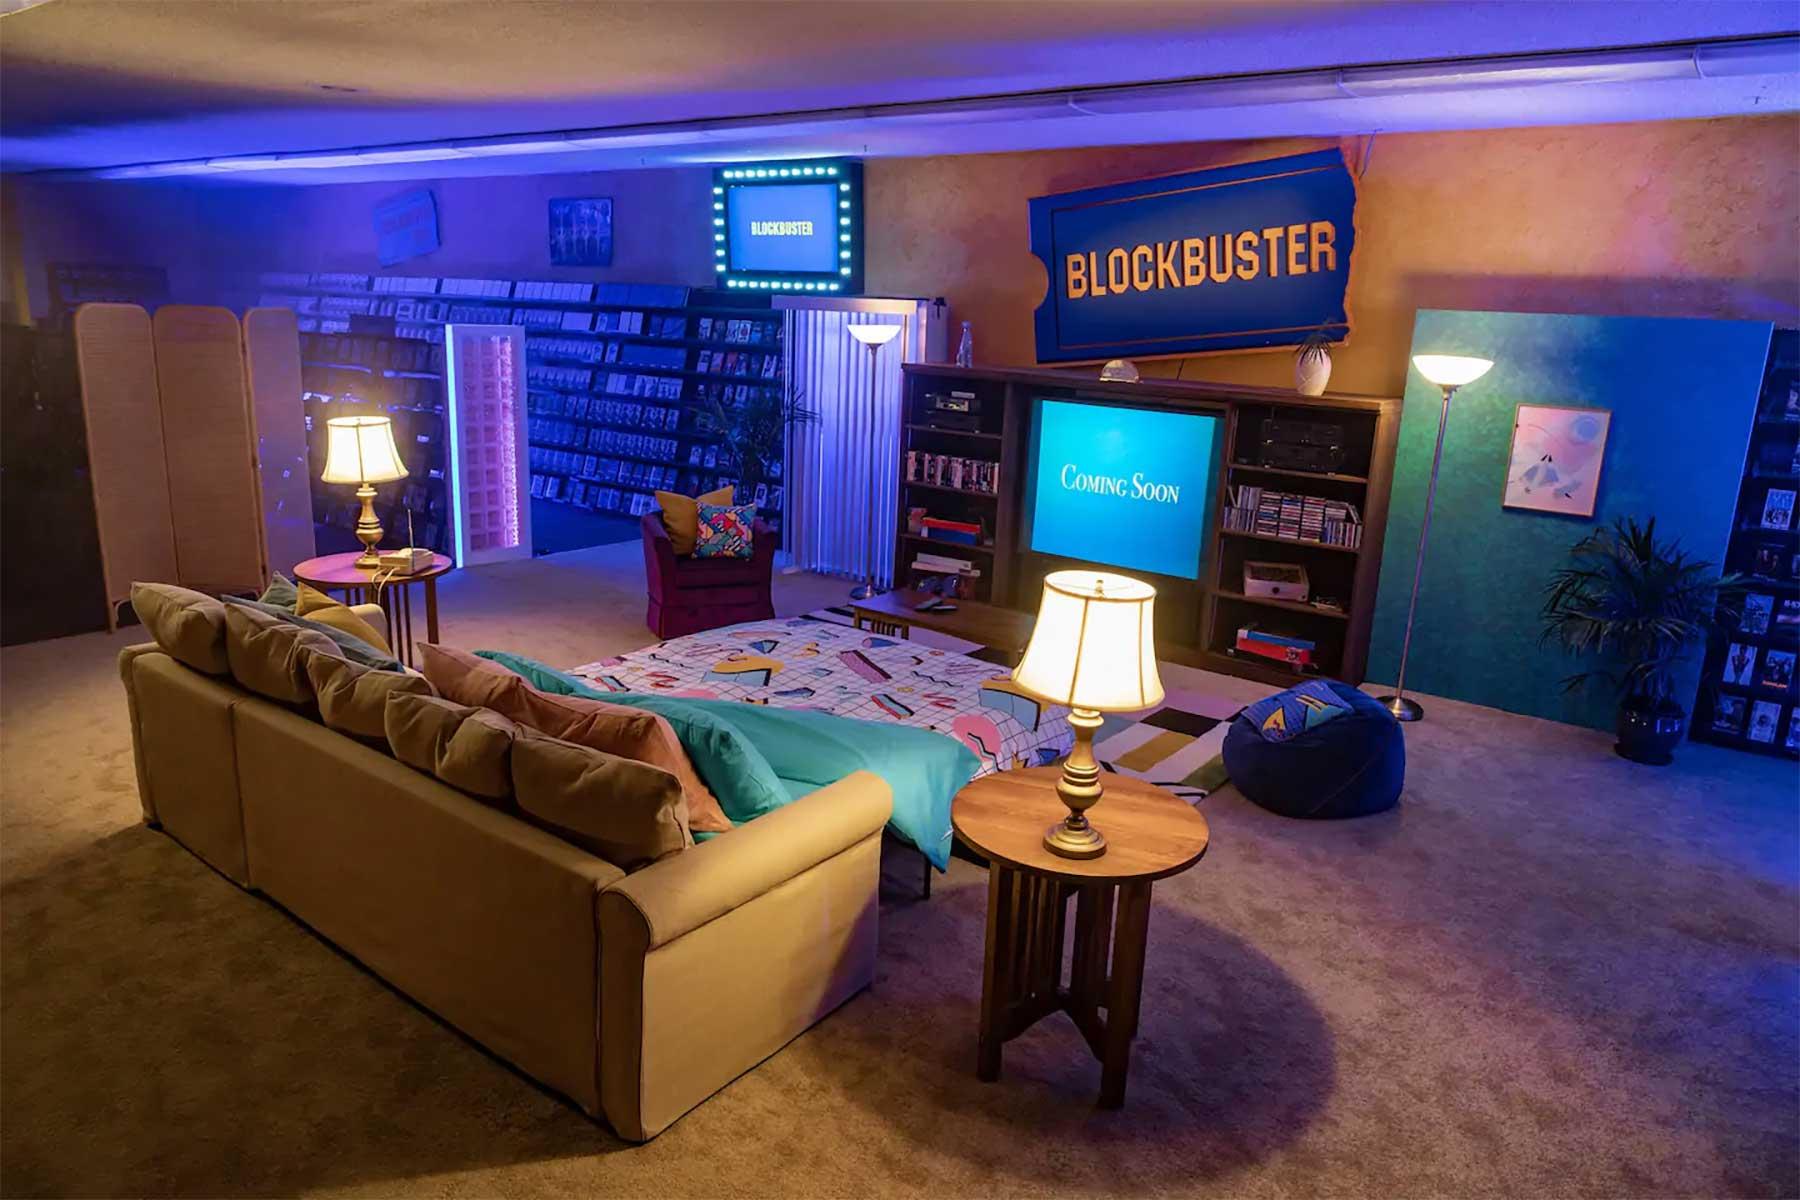 In der letzten Blockbuster-Filiale der Welt per Airbnb übernachten